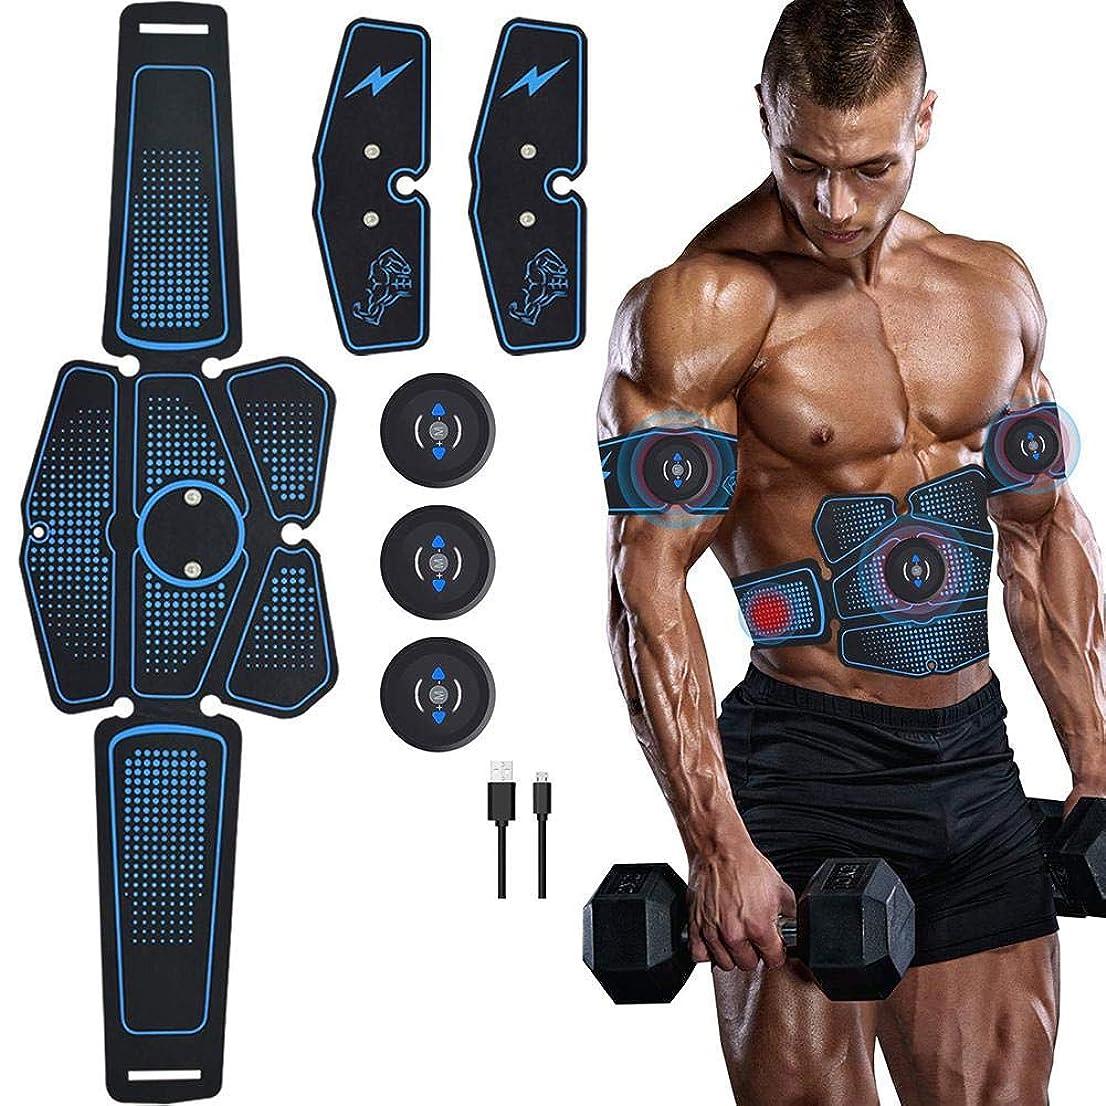 クッション元気エミュレーション電気腹部筋肉刺激装置、ABSウエストトレーナーフィットネス減量体重減少マッサージャー用男性と女性の脂肪燃焼